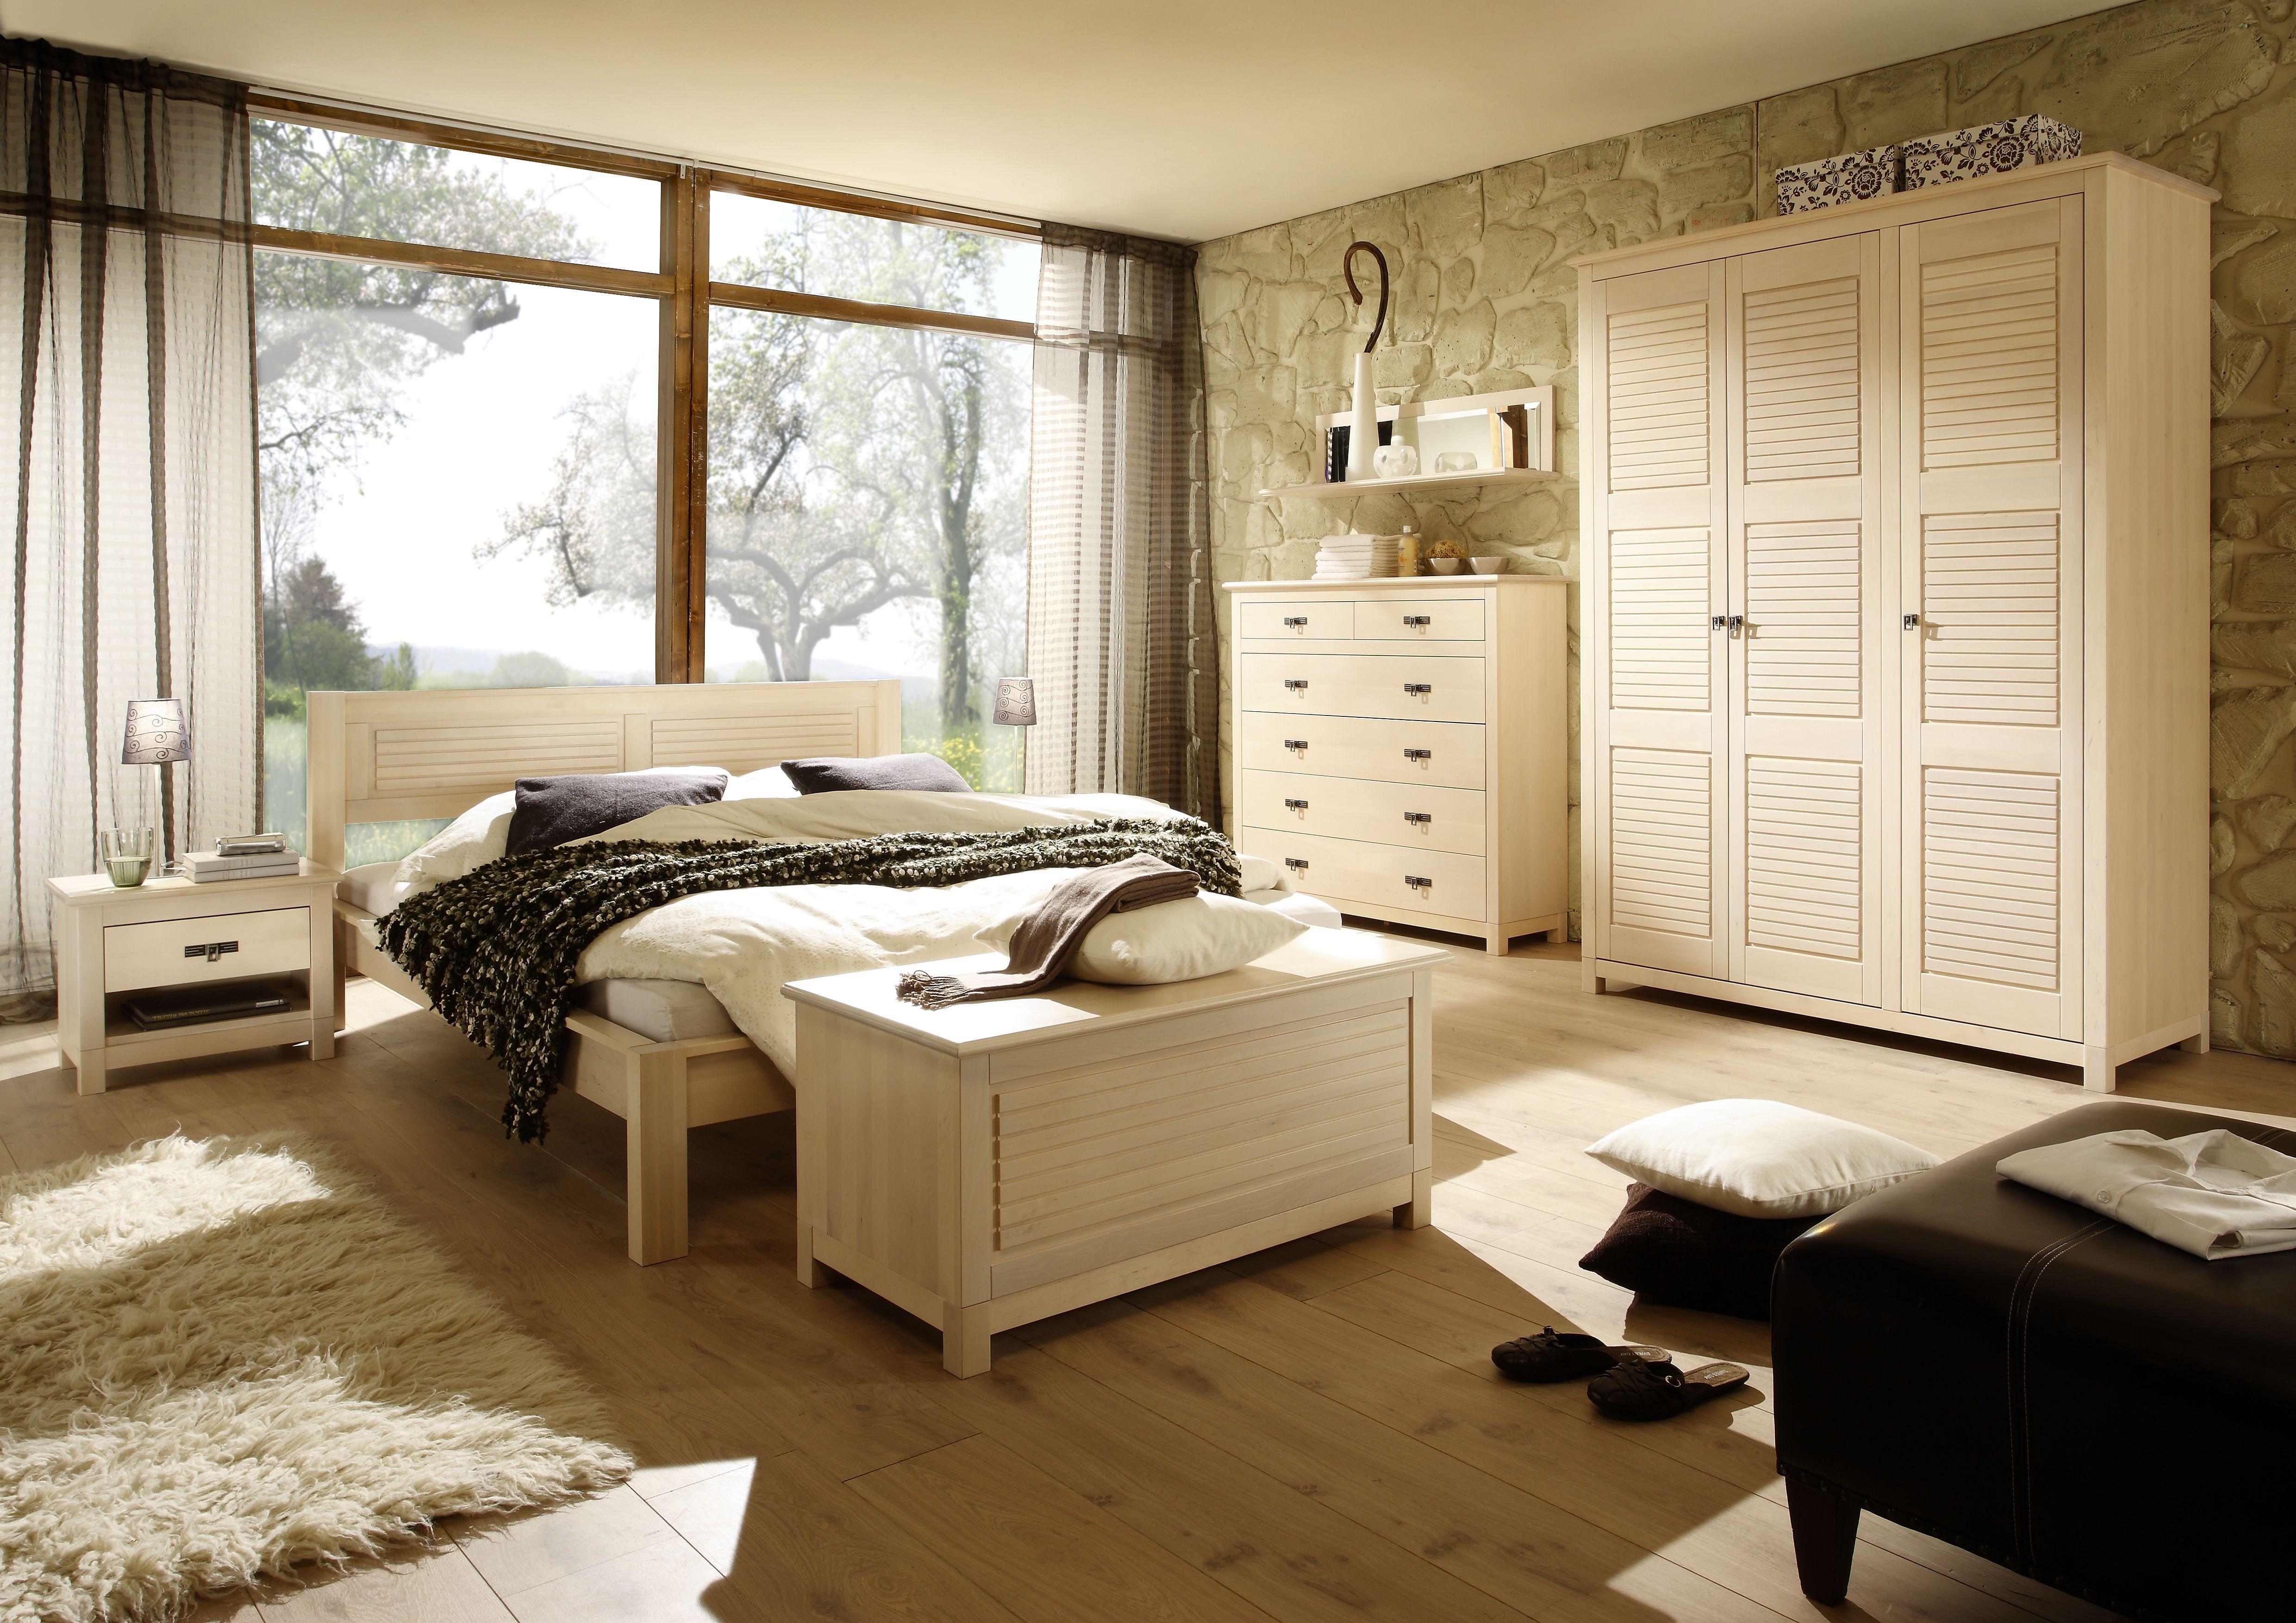 Home Design Schlafzimmer Kombination Massiv Landhausstil 4 Tei ...